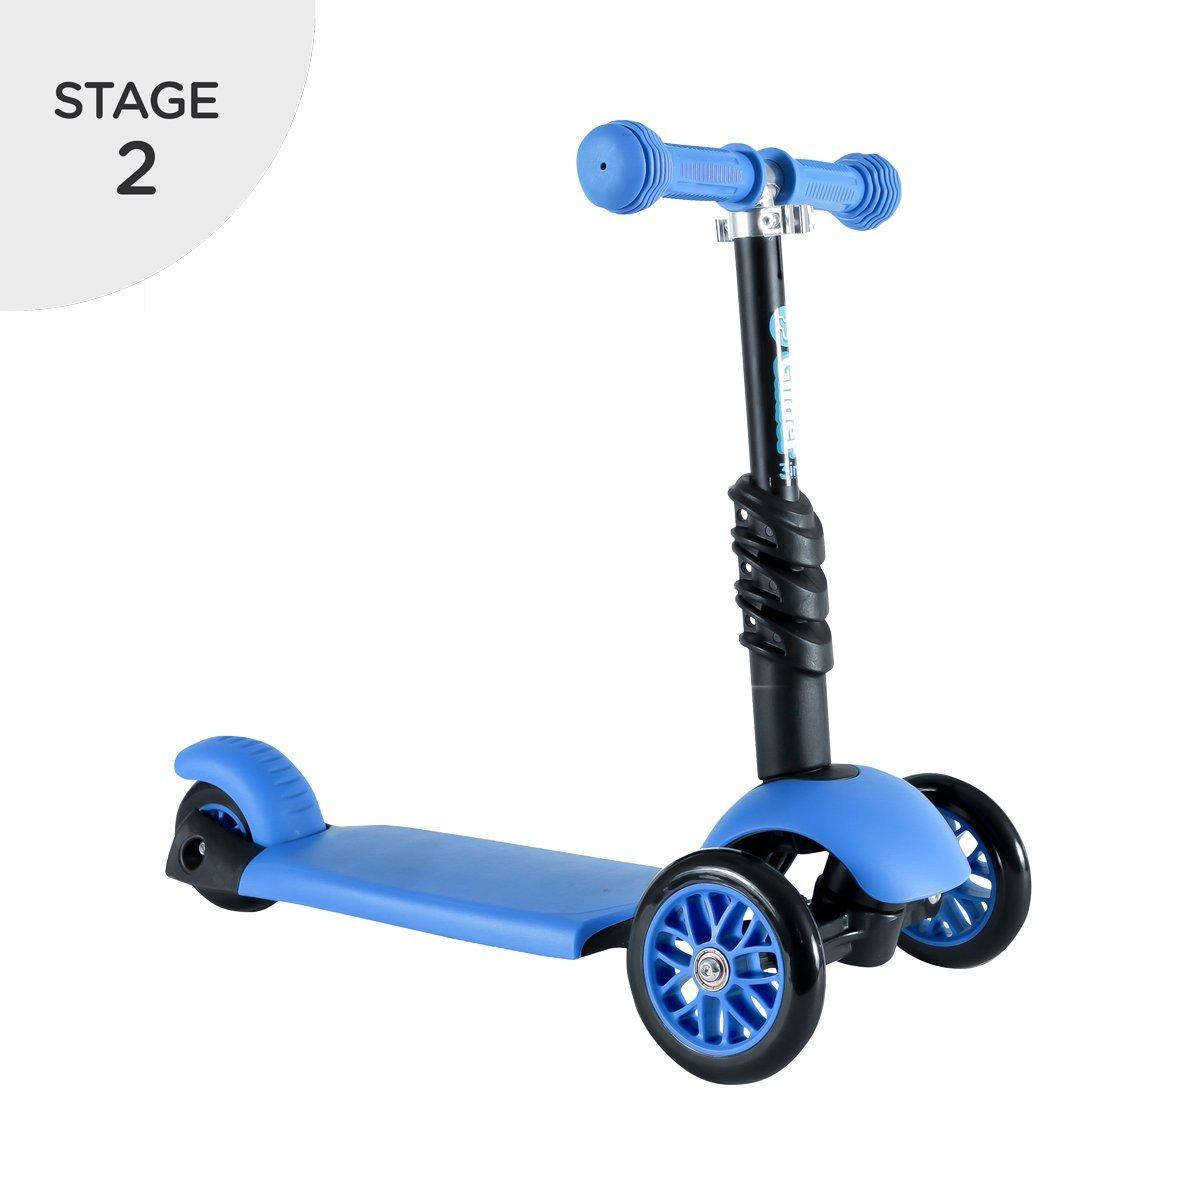 Amazon.com: Y planeador 3-en-1 Scooter: Sports & Outdoors